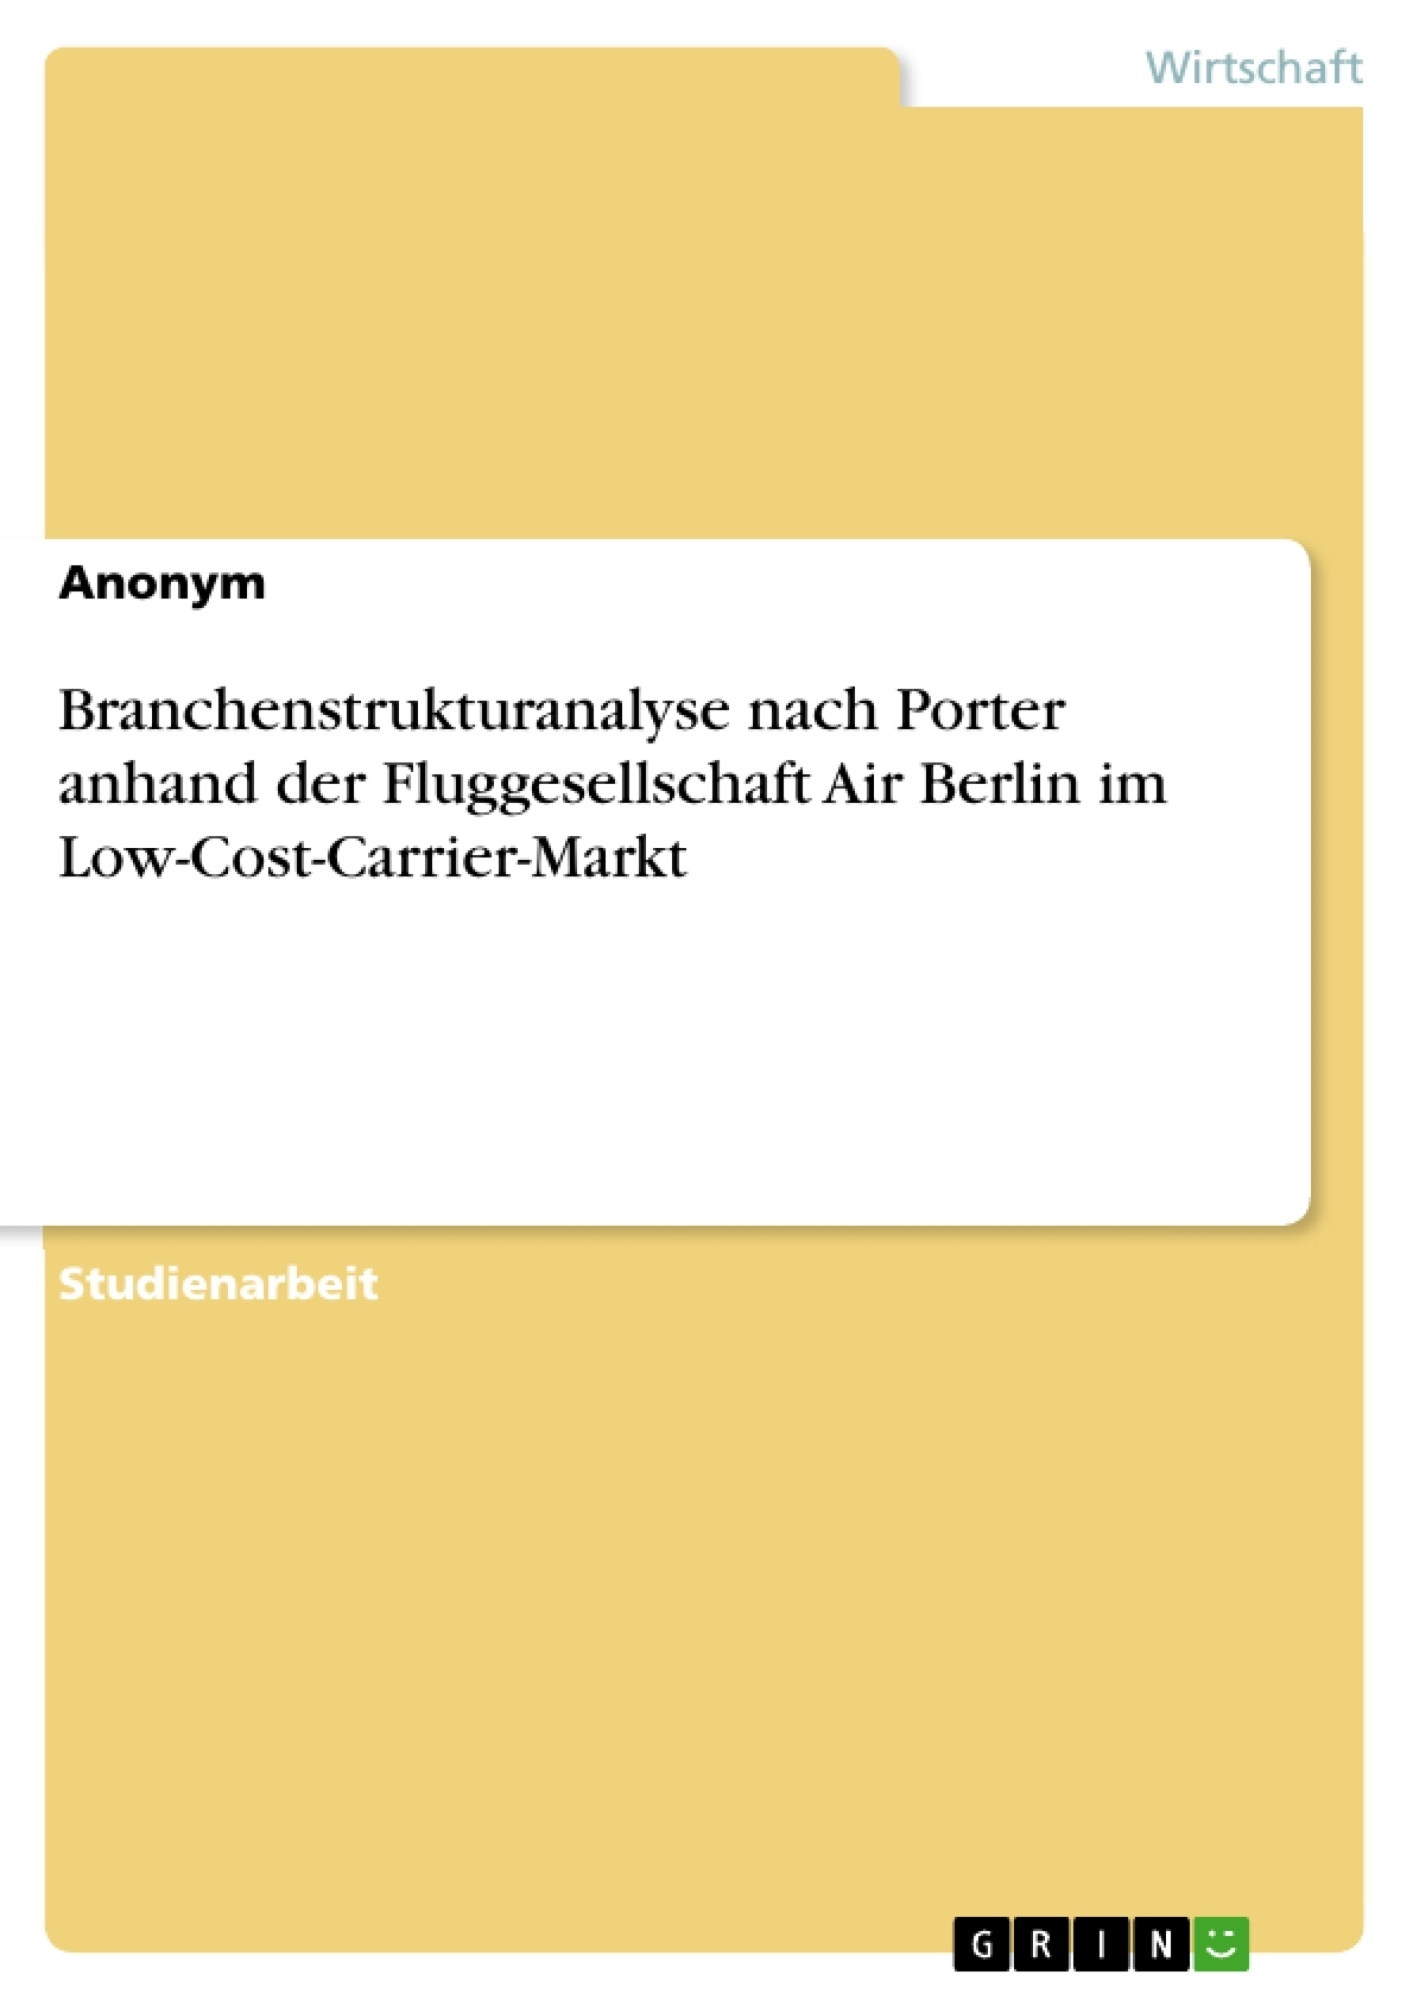 Titel: Branchenstrukturanalyse nach Porter anhand der Fluggesellschaft Air Berlin im Low-Cost-Carrier-Markt